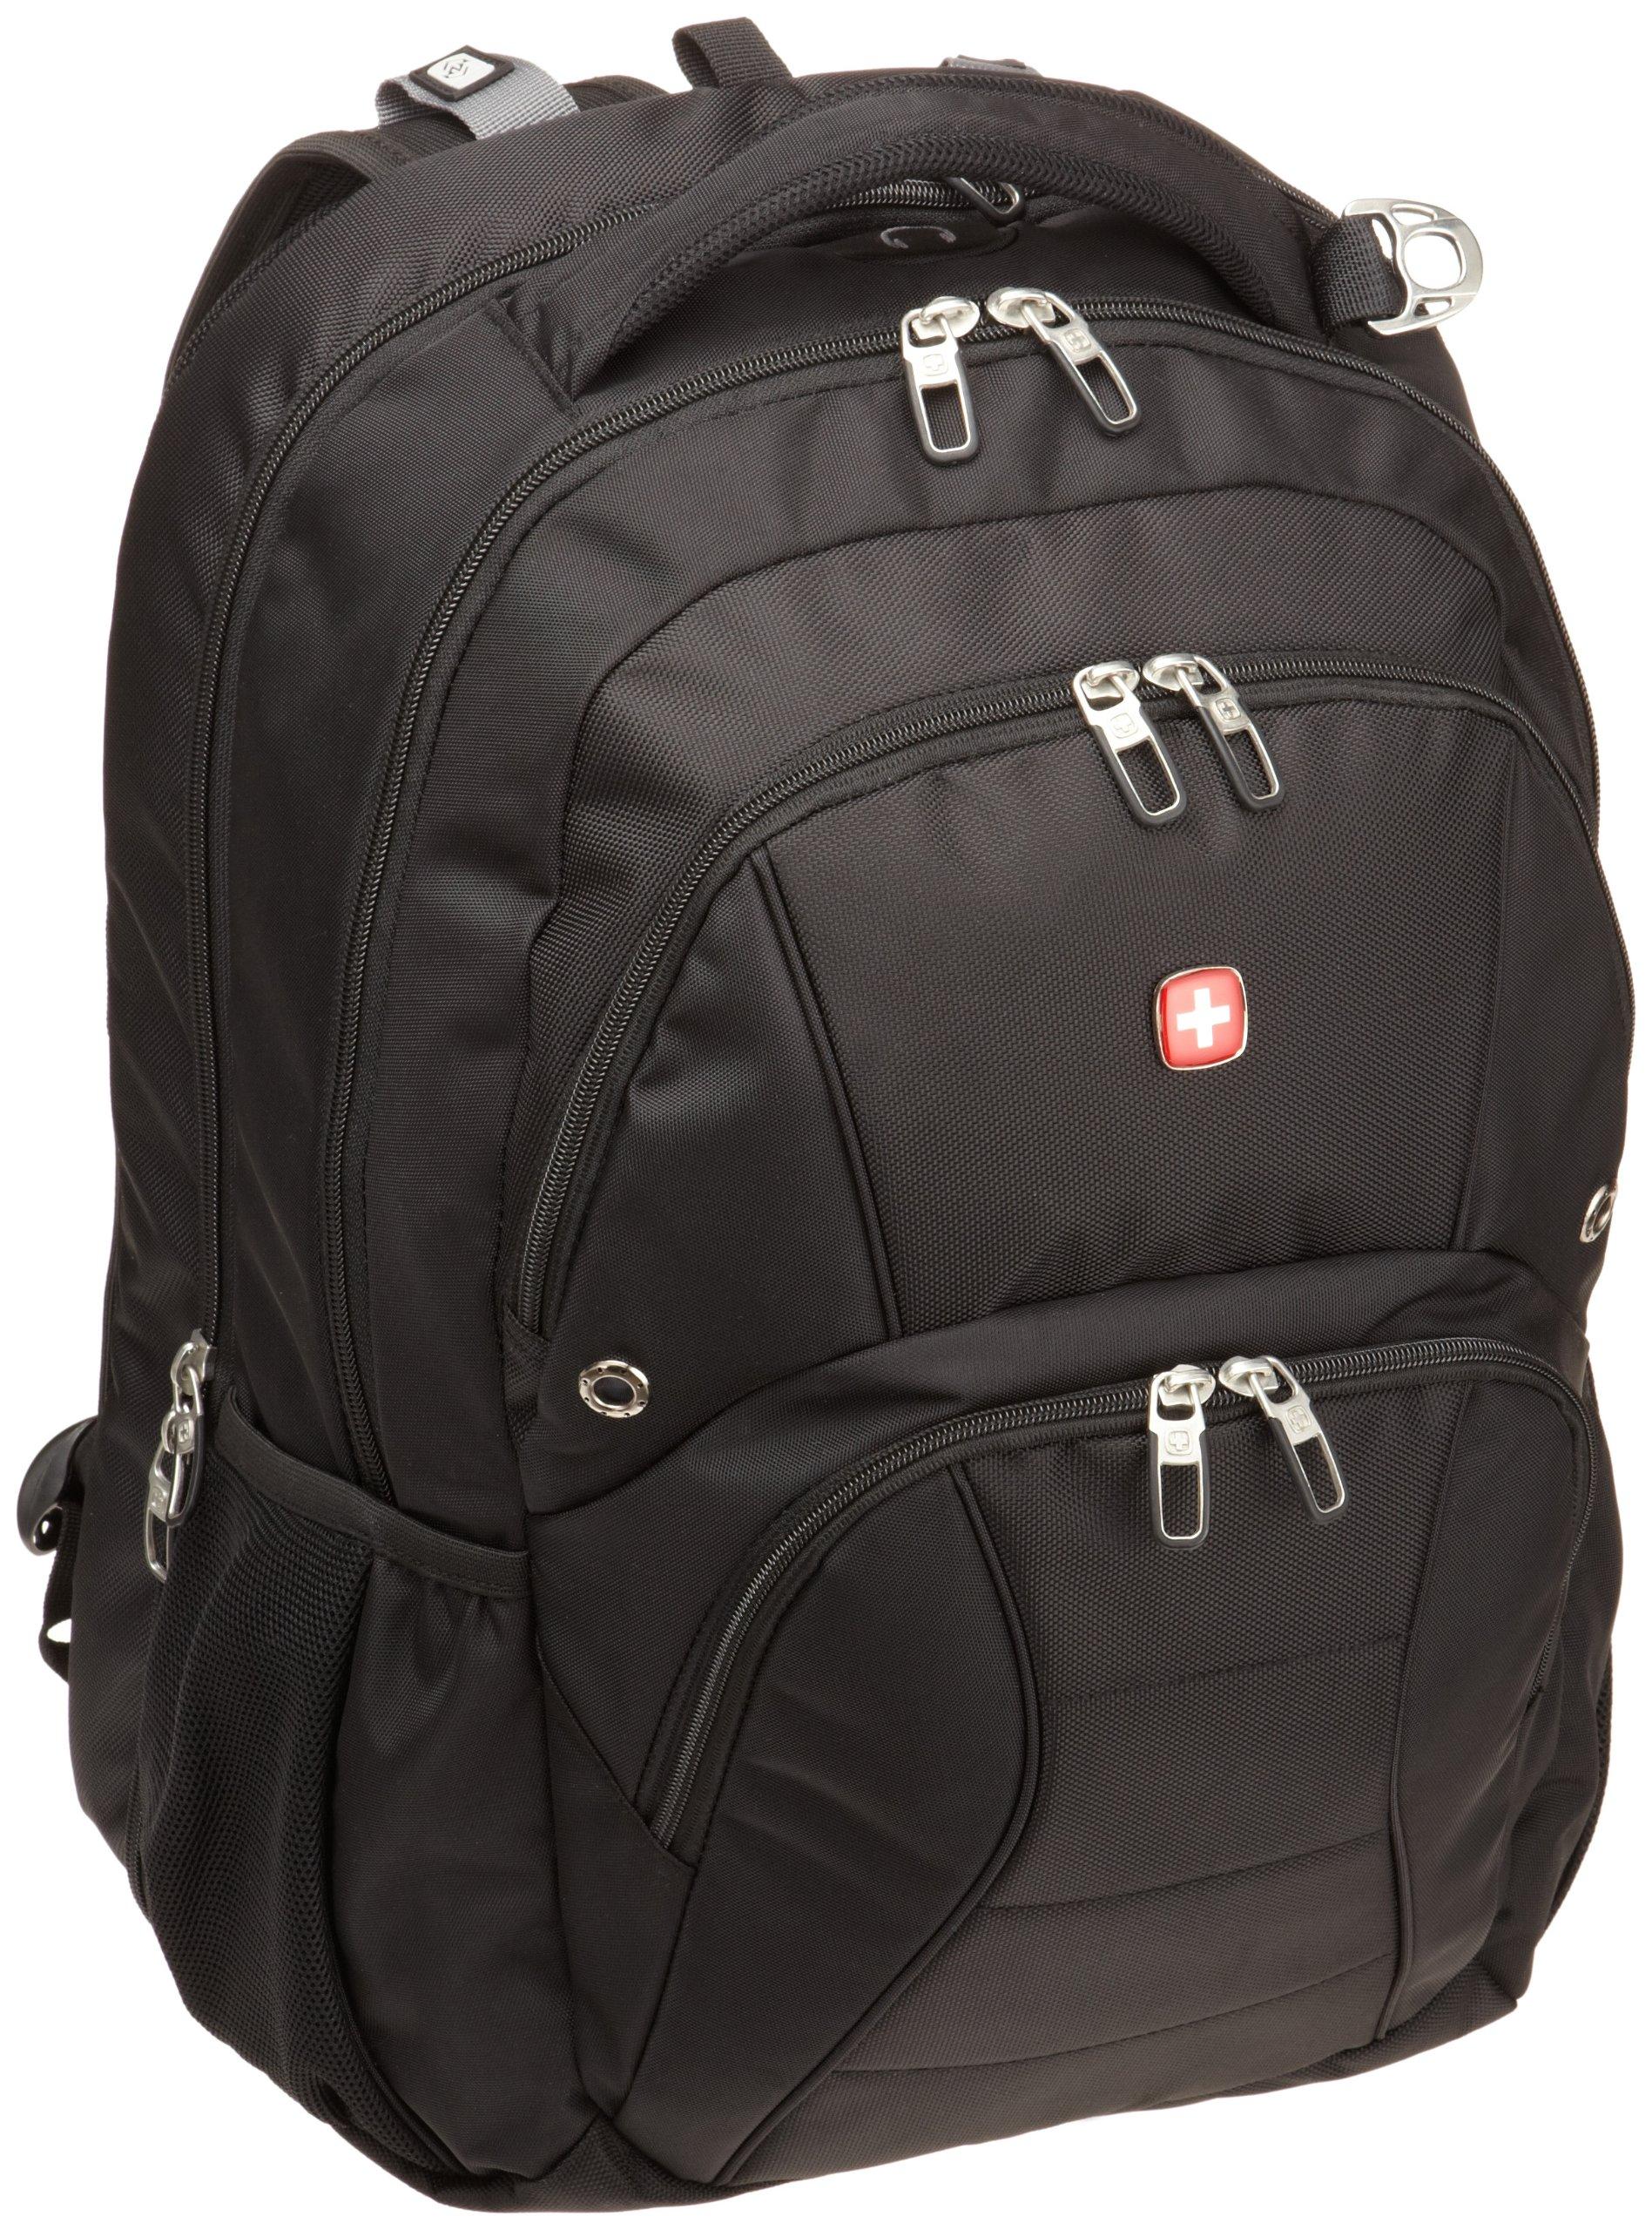 Swiss Gear Friendly ScanSmart Backpack